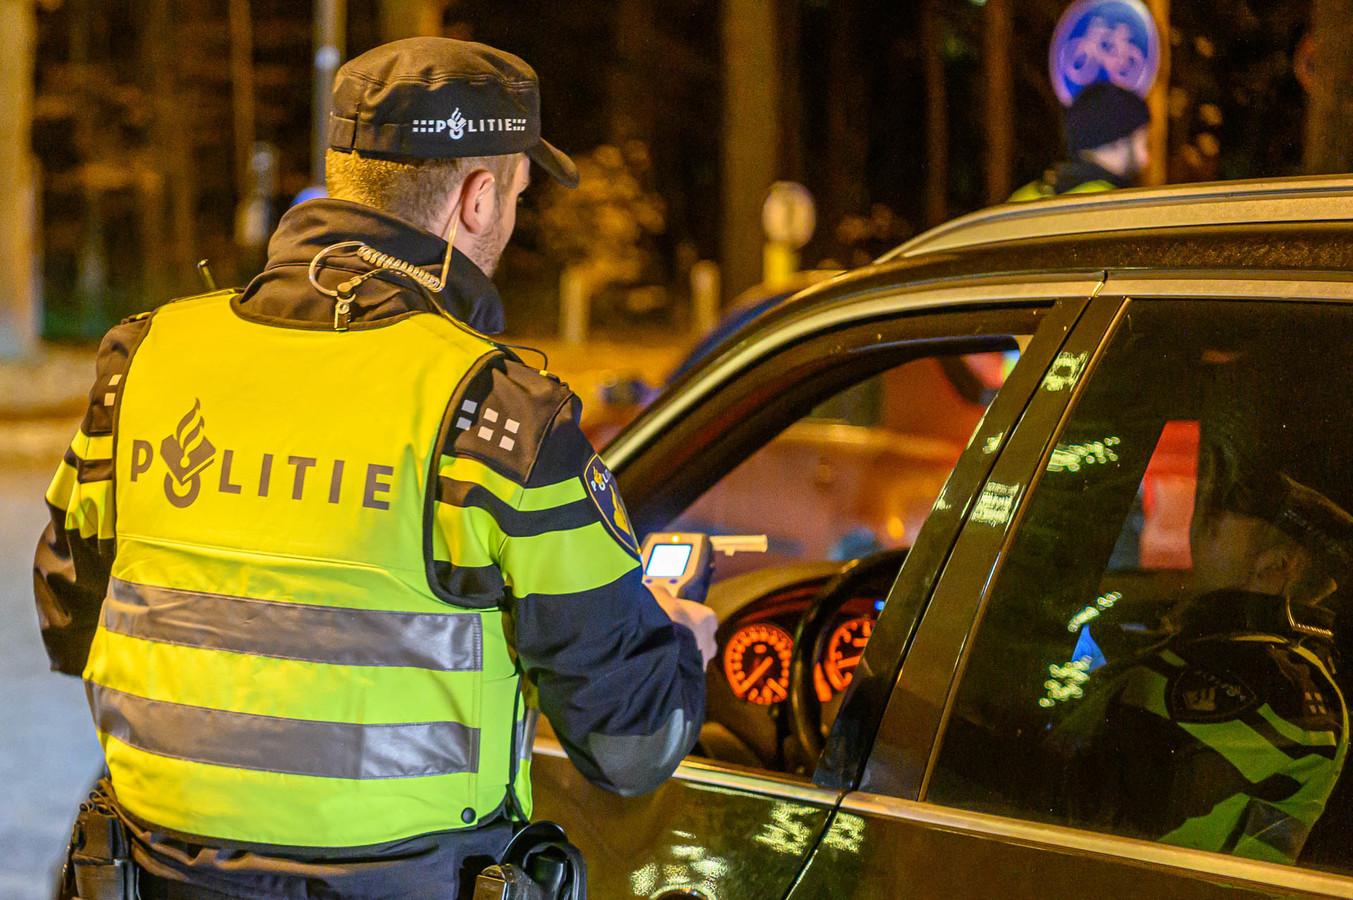 De aangehouden man slingerde over de A17 en blies zes keer de toegestane hoeveelheid alcohol.